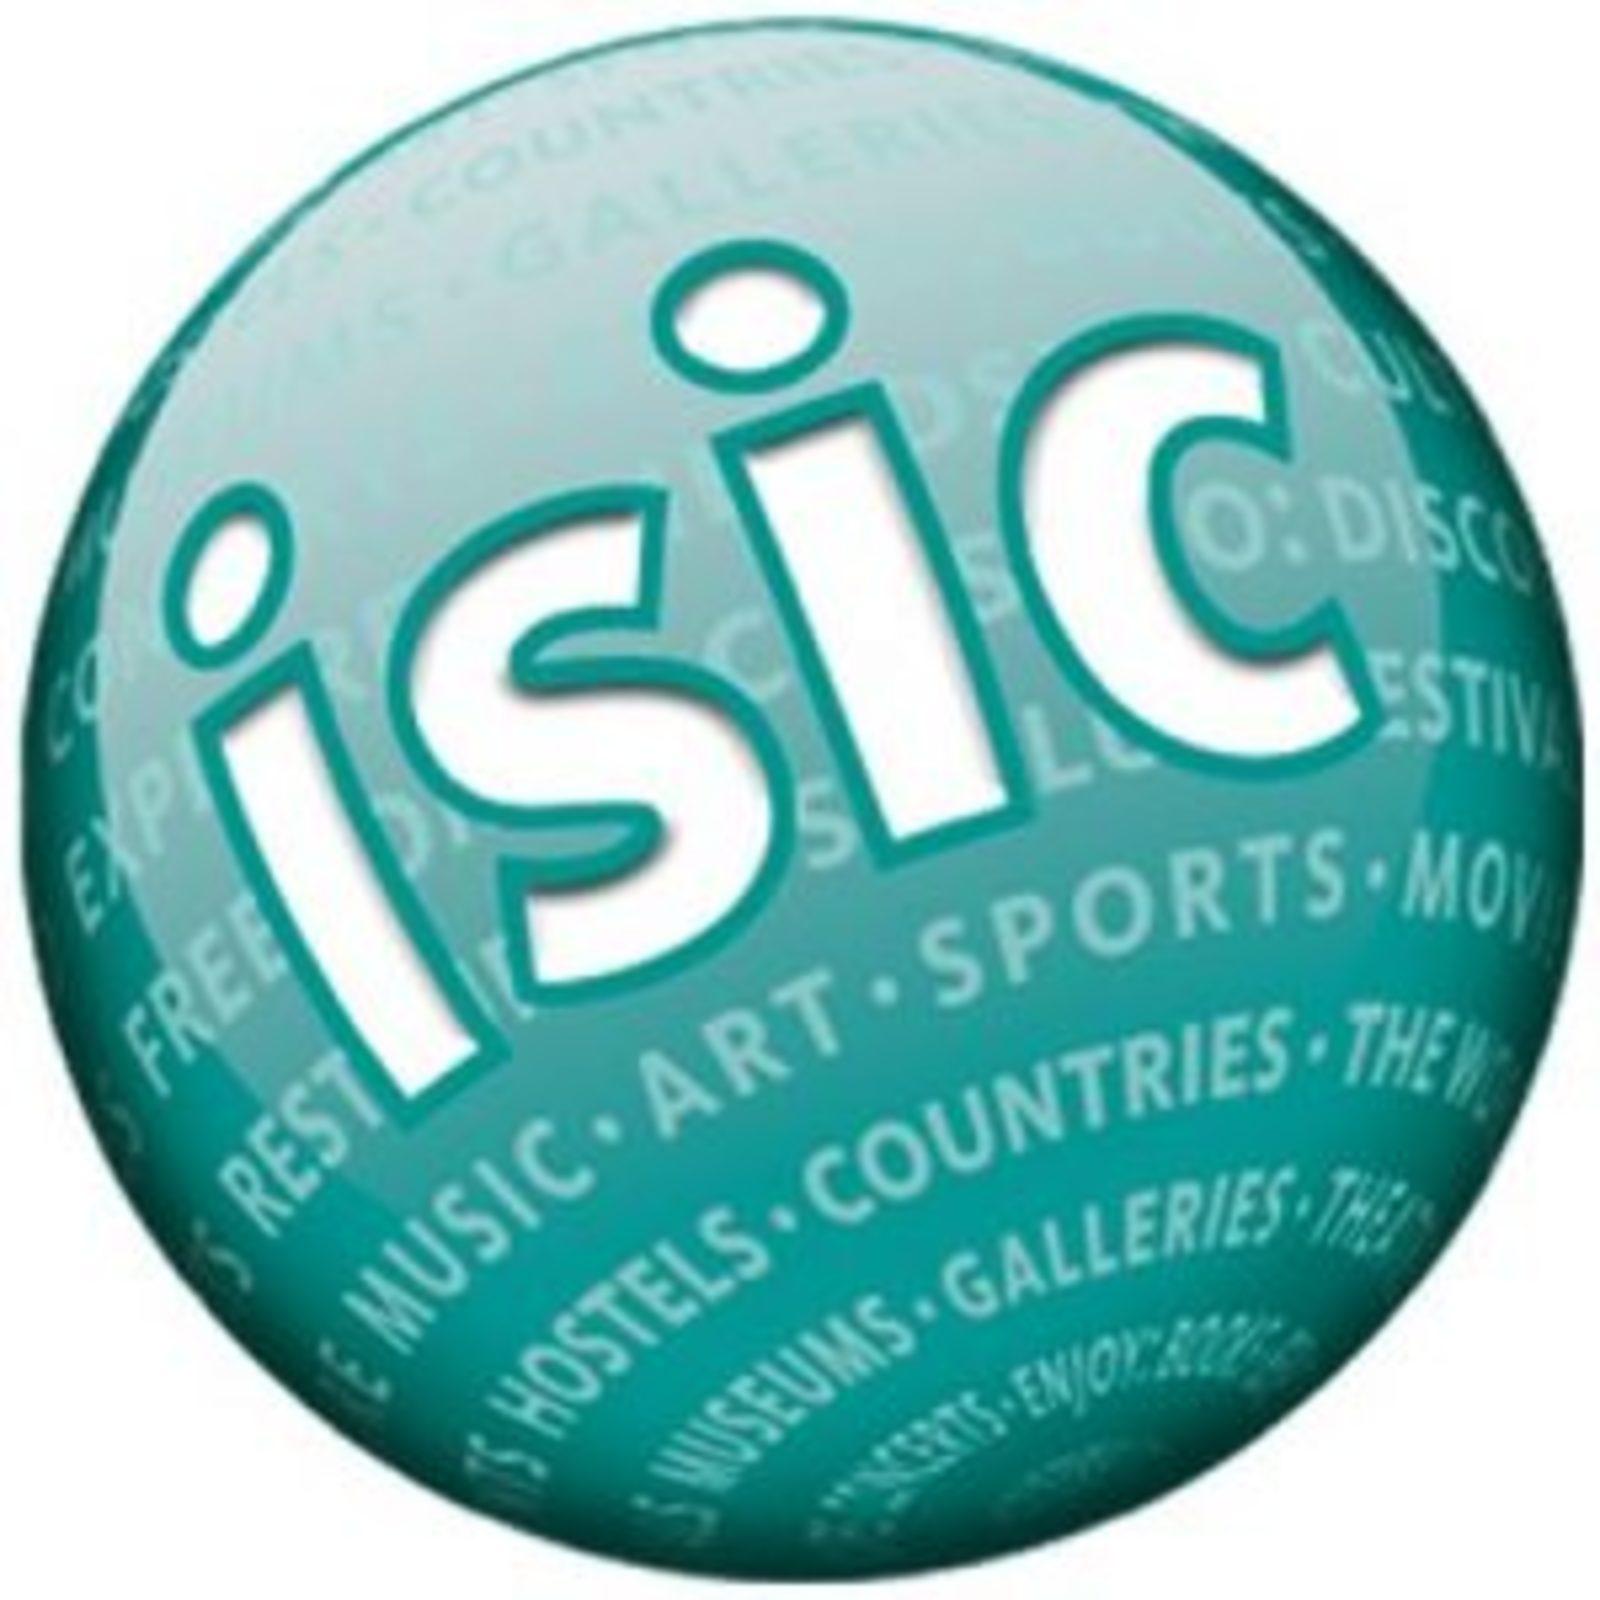 legitimatia ISIC image